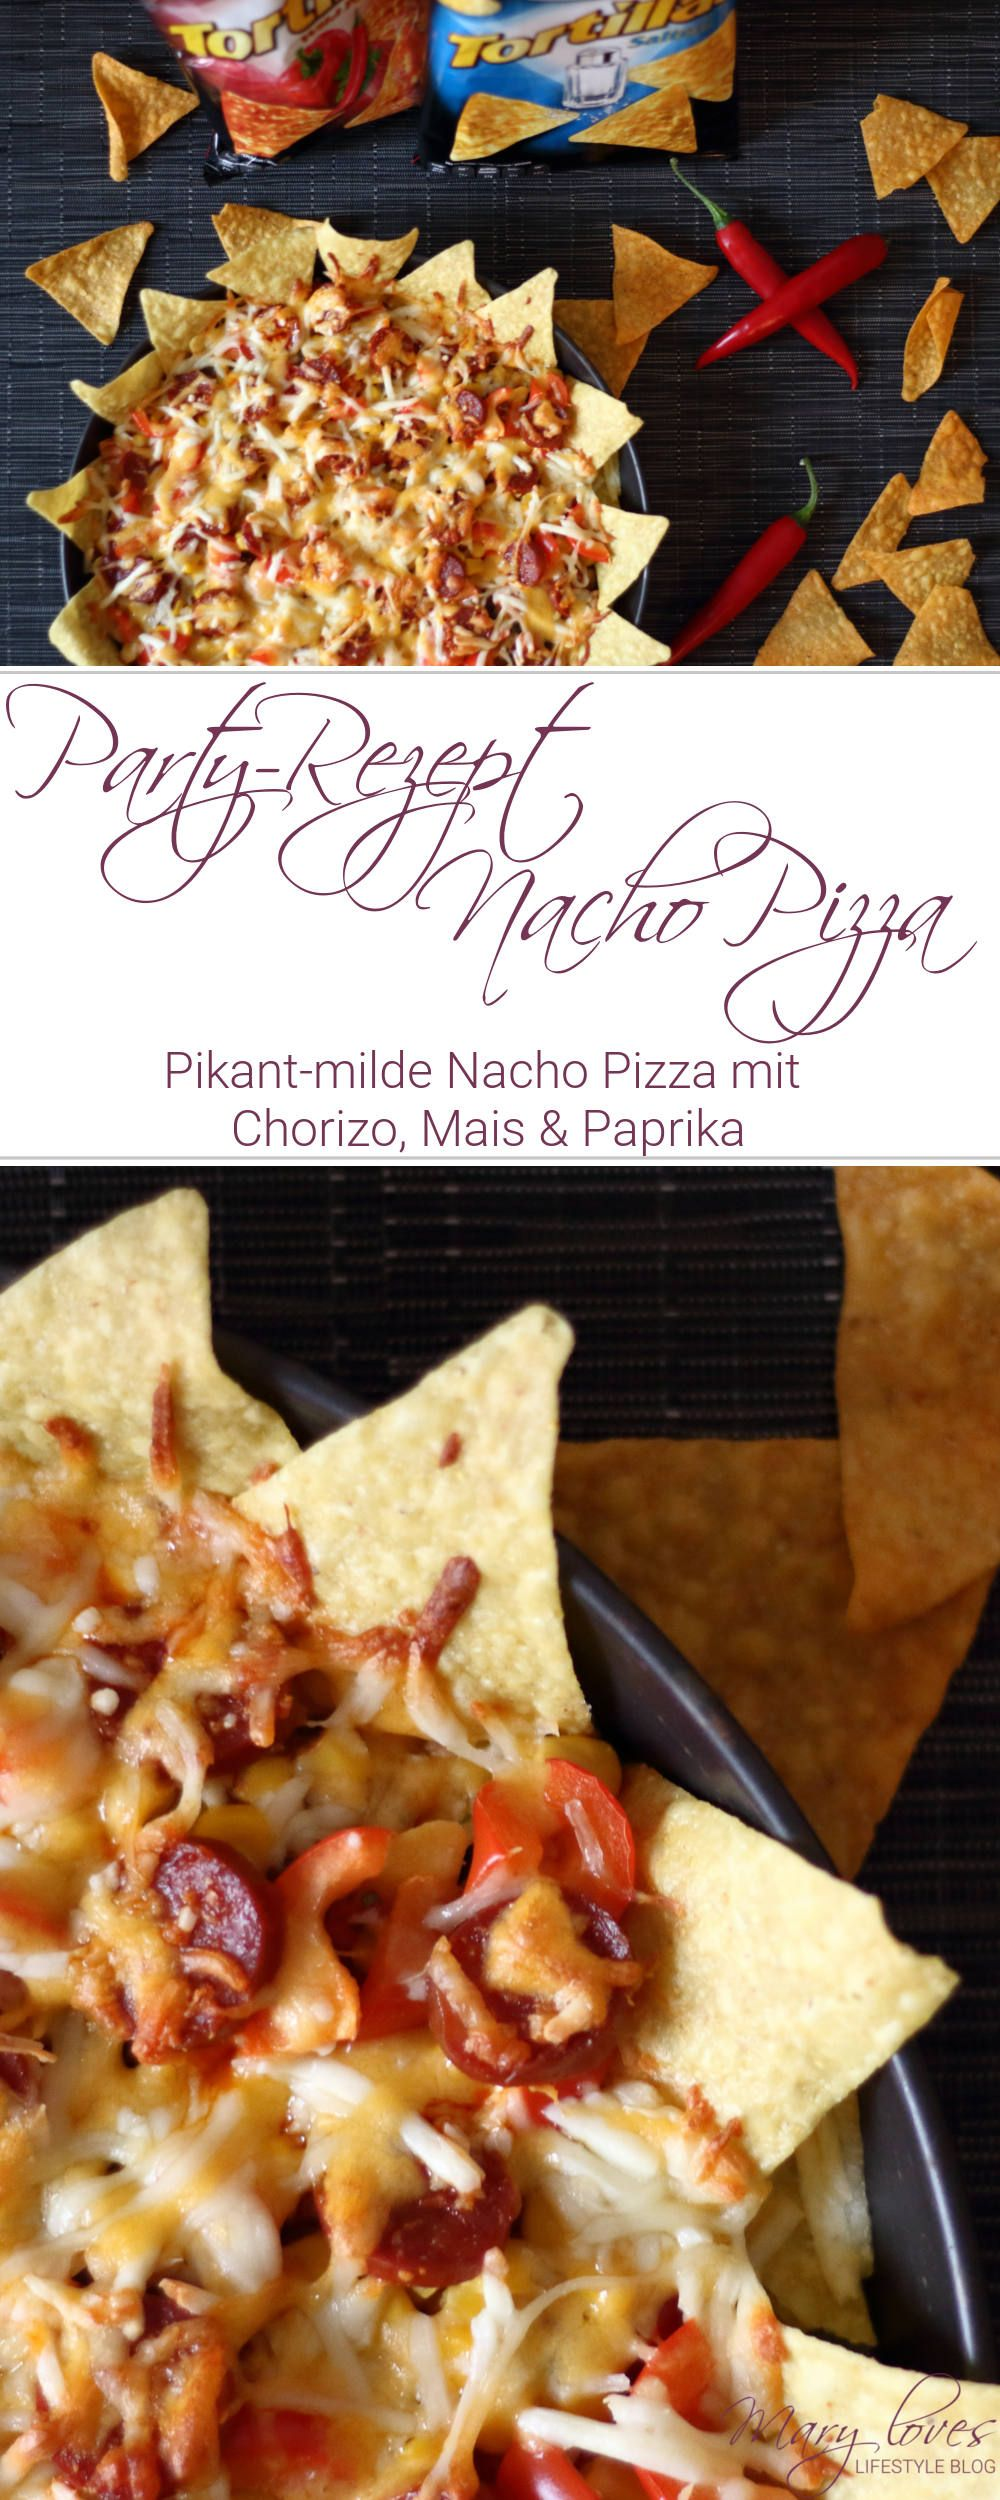 [Anzeige] Chio Tortiallas Rezepte - Pikant-milde Nacho Pizza mit Chio Tortillas - Tortilla Pizza mit Chorizo, Mais & Paprika #nachopizza #nachorezept #partyrezept